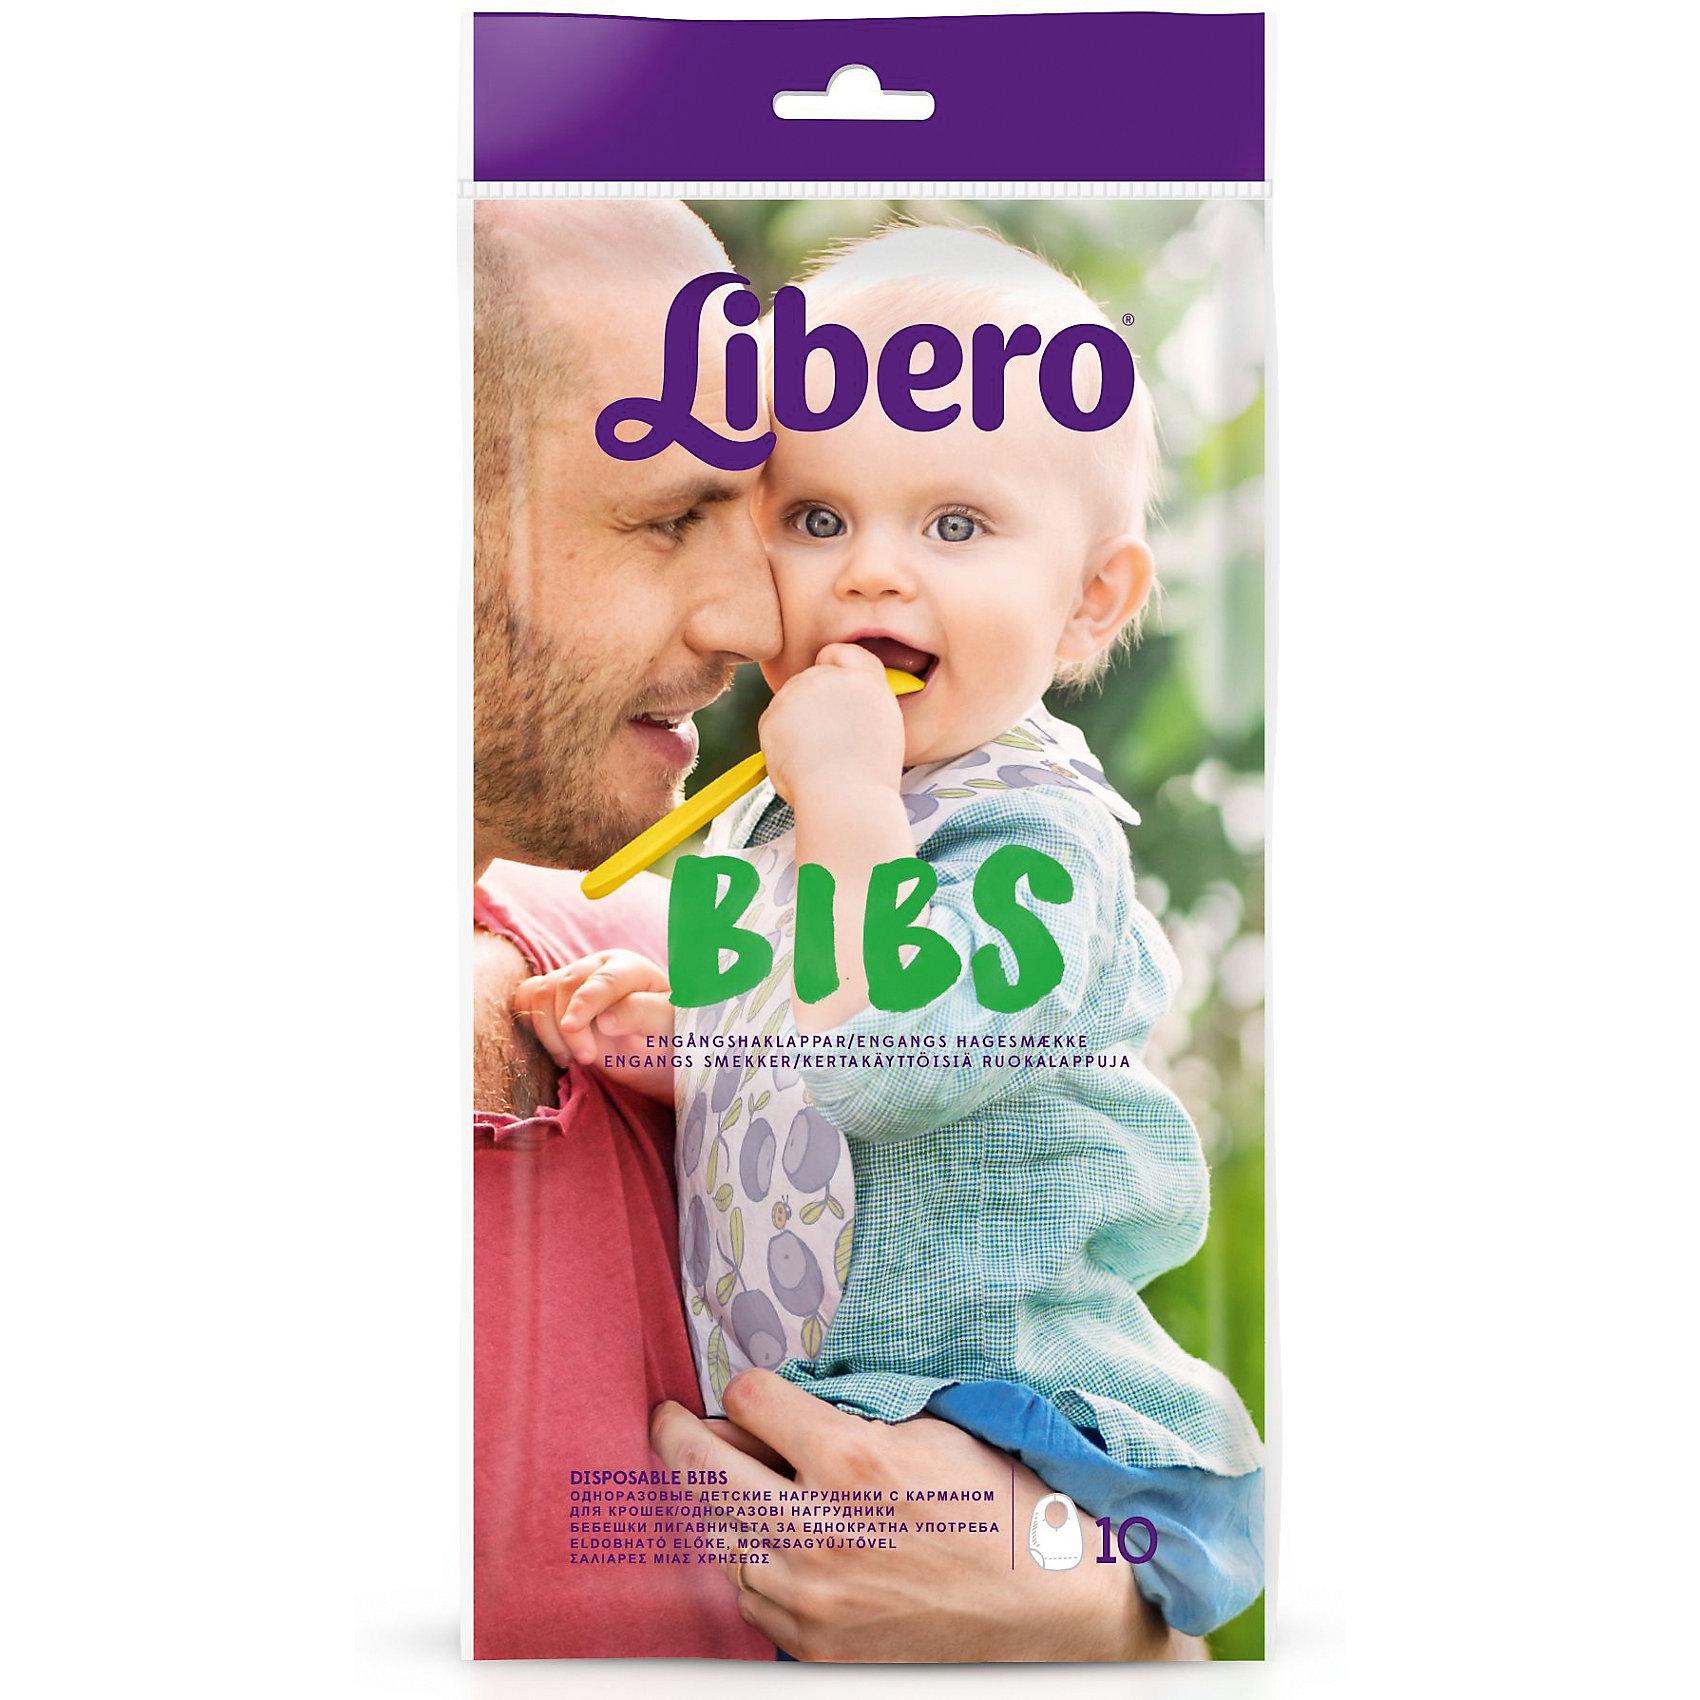 Одноразовые нагрудники Libero Easy Meal, 10 шт.Нагрудники и салфетки<br>Нагрудники Libero Bibs, 10 шт.<br><br>Характеристики:<br><br>• выполнены из мягкого нетканого материала<br>• специальный кармашек для кусочков пищи и крошек<br>• впитывают воду и жидкую пищу<br>• многоразовые липучки<br>• компактная упаковка<br>• размер нагрудника: 24х21 см<br>• размер упаковки: 13х18х25 см<br>• количество: 10 шт.<br><br>Нагрудники Libero Bibs очень мягкие и приятные коже малыша. Обратная сторона не промокает, и вы всегда можете быть уверены в сухости и чистоте одежды ребенка. Нагрудник имеет удобный карман, собирающий остатки пищи и крошки. Сам нагрудник хорошо впитывает воду, пюре или суп. Многоразовая липучка позволяет застегнуть нагрудник повторно при необходимости. Благодаря компактной упаковке, вы с легкостью сможете брать нагрудники в дорогу или в гости.<br><br>Нагрудники Libero Bibs, 10 шт. можно купить в нашем интернет-магазине.<br><br>Ширина мм: 20<br>Глубина мм: 130<br>Высота мм: 250<br>Вес г: 63<br>Возраст от месяцев: 0<br>Возраст до месяцев: 48<br>Пол: Унисекс<br>Возраст: Детский<br>SKU: 3517665